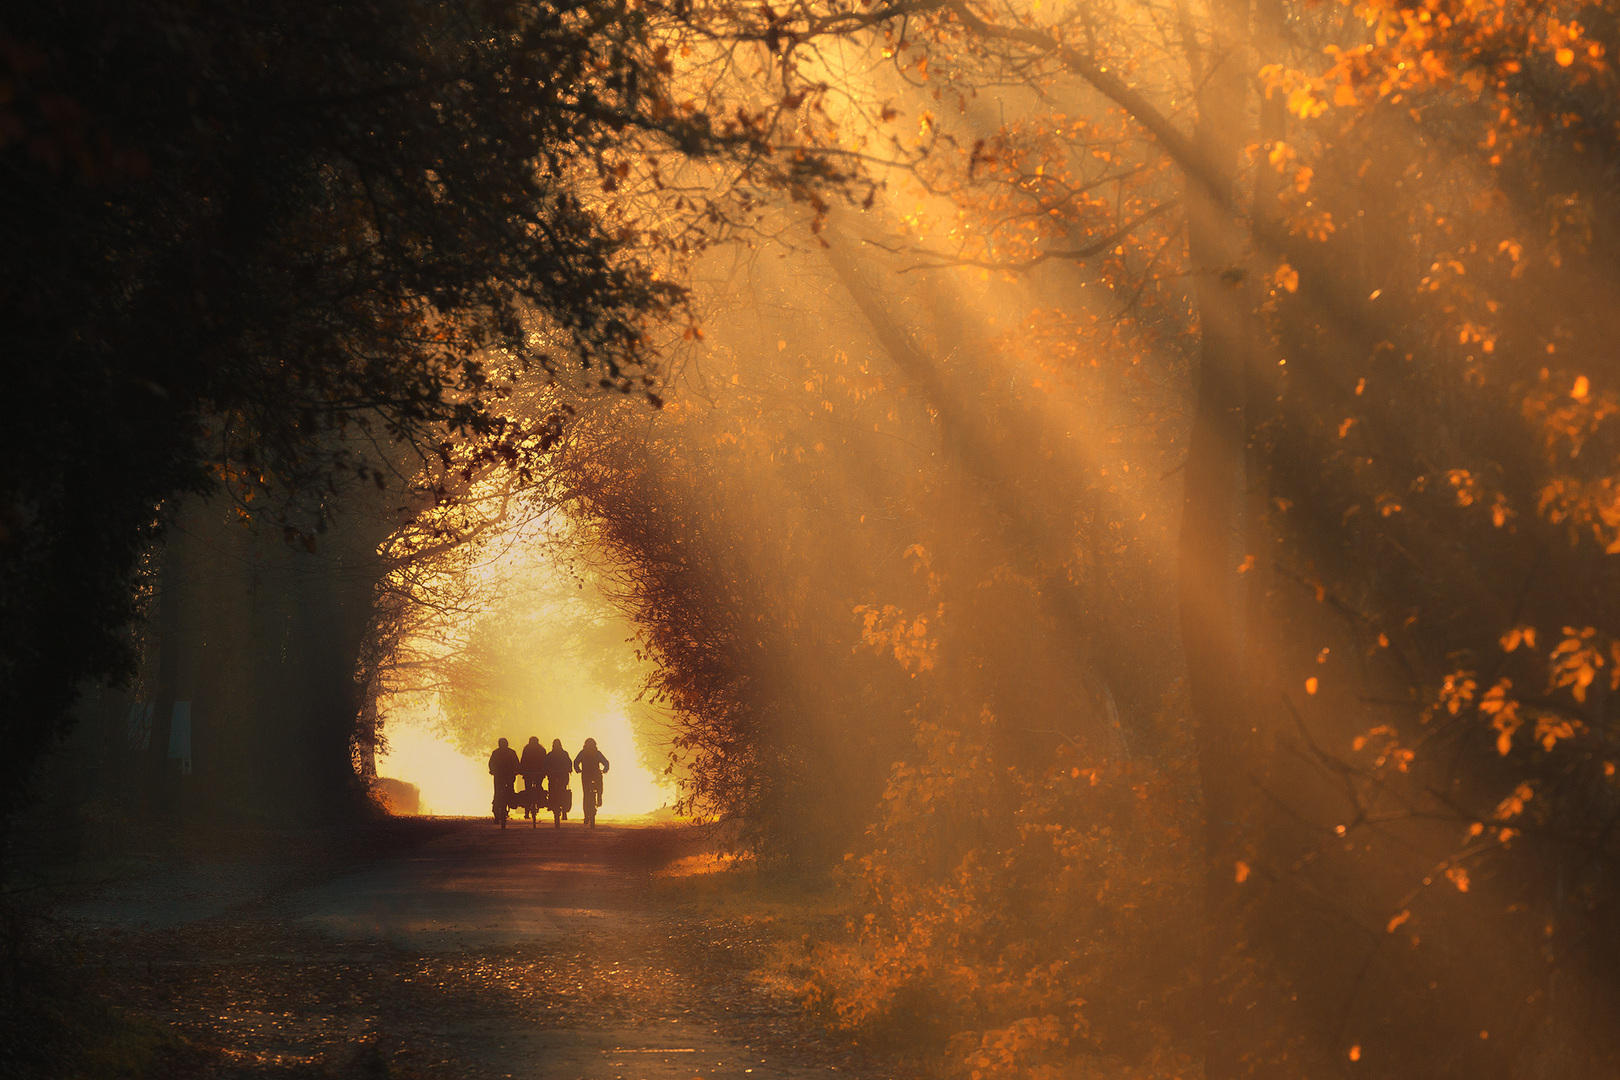 Fietsers onderweg op een herfst ochtend